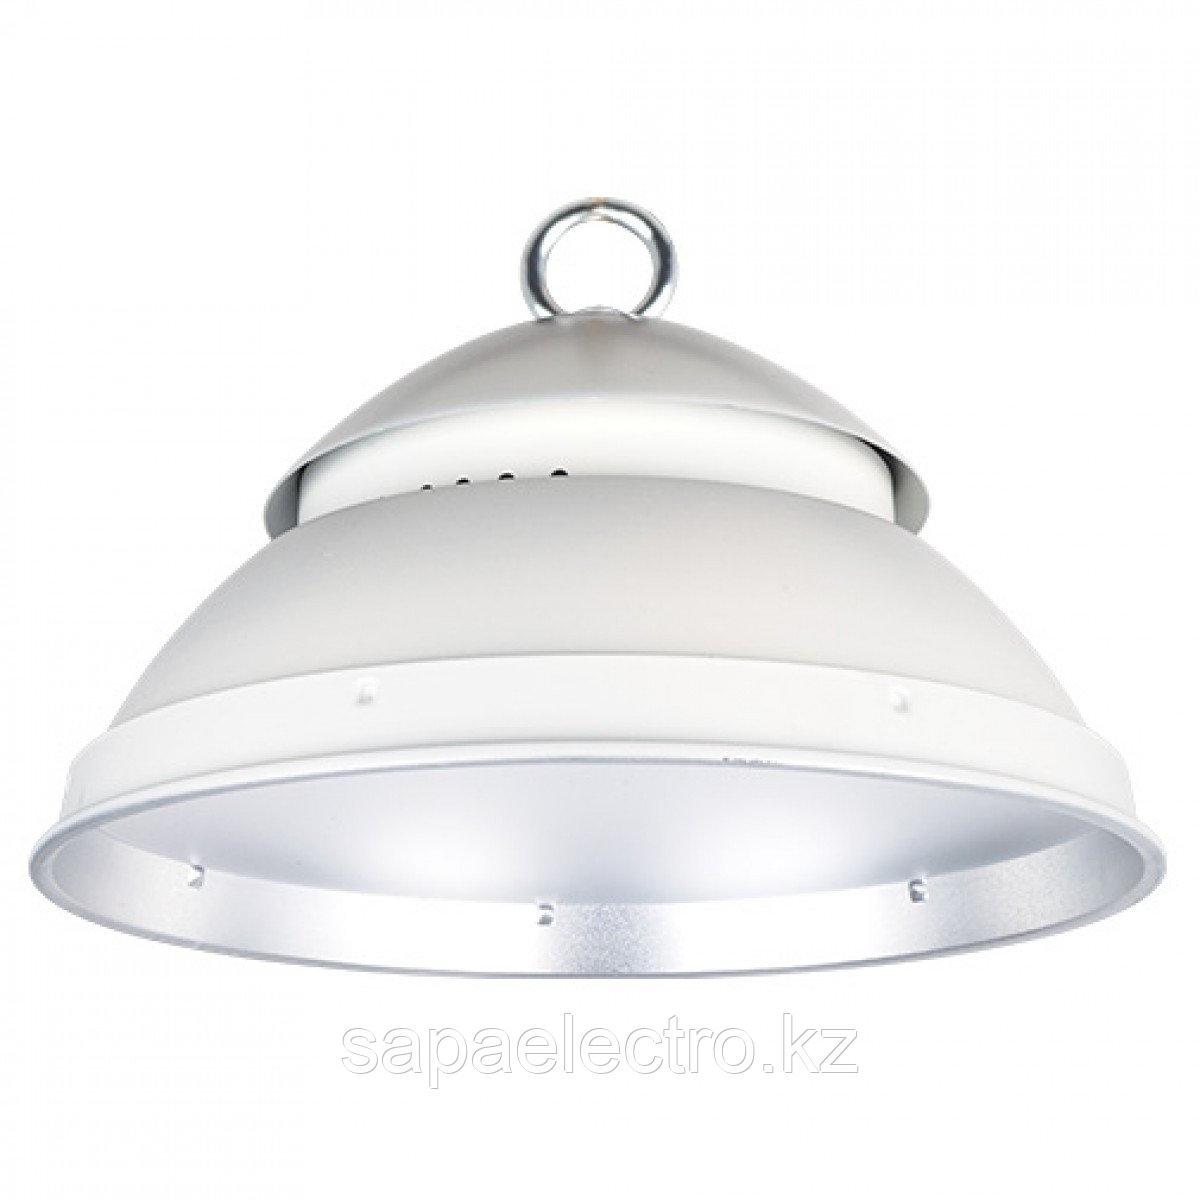 Свет-к LED TS-HB 30W 5500K WHITE (TEKSAN)2шт